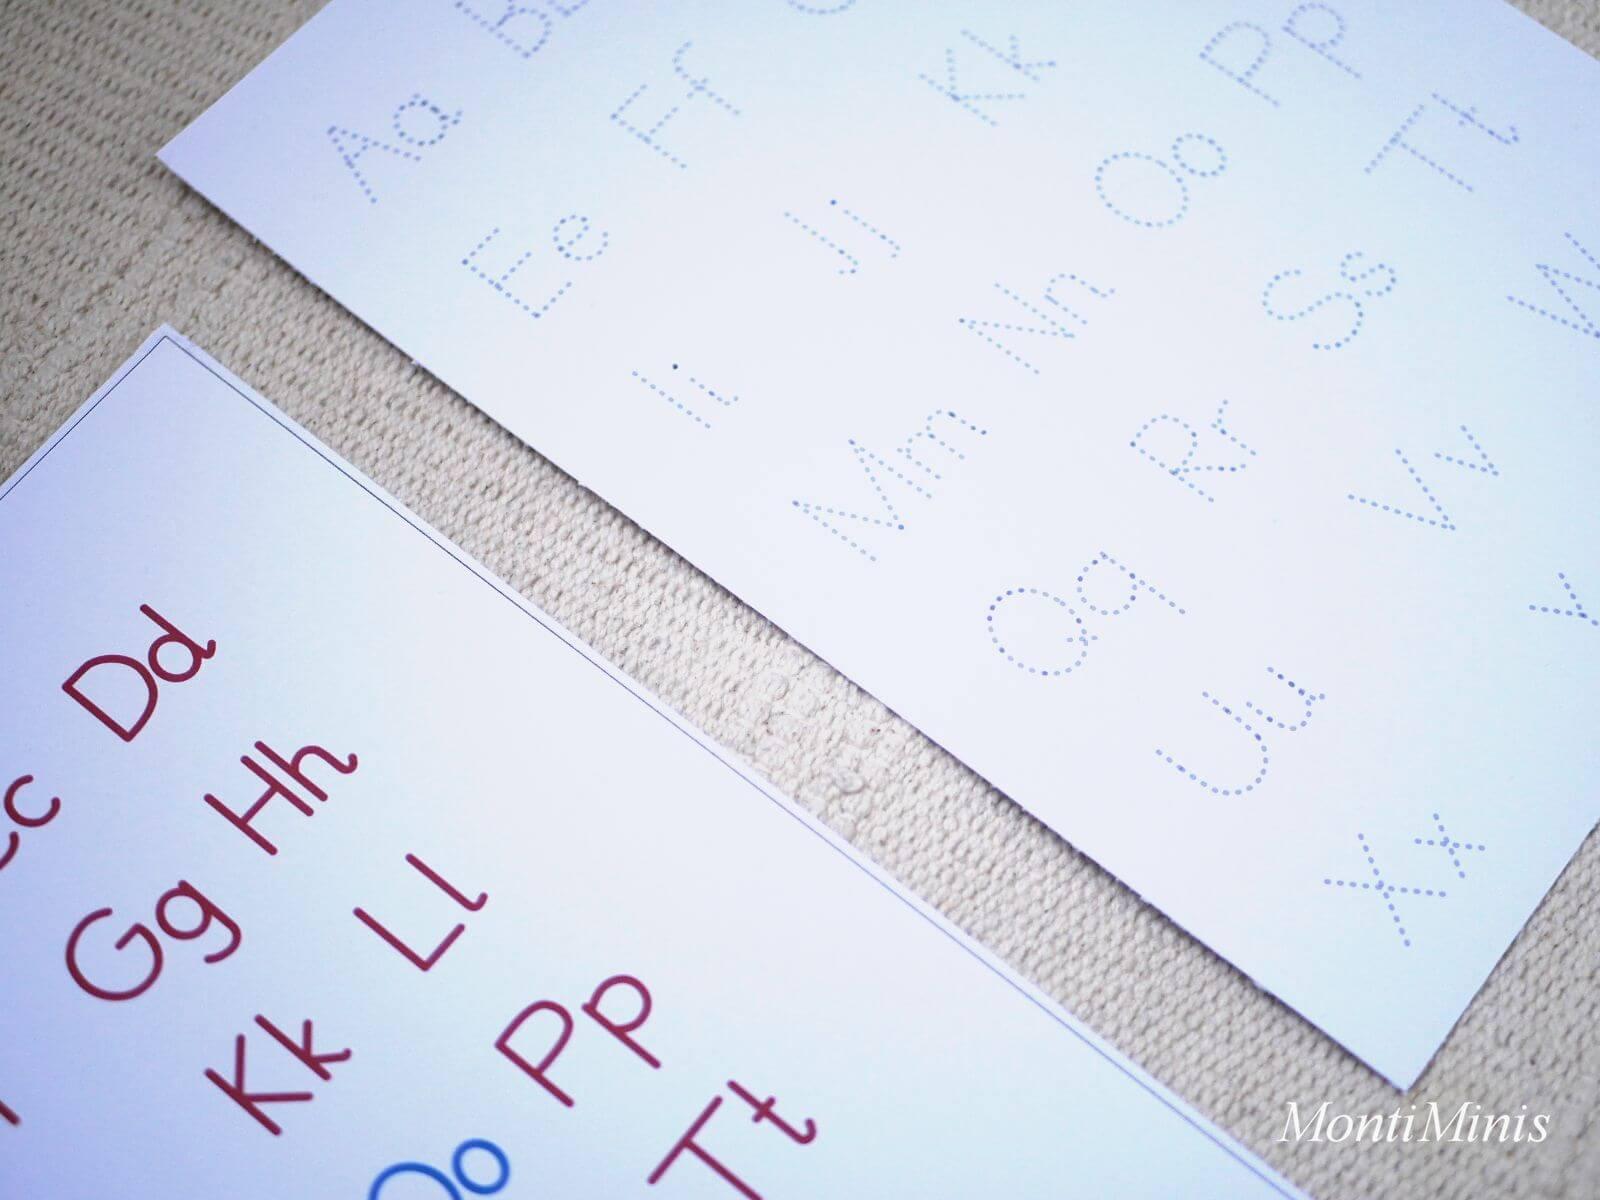 Anlautkasten-Anlautbox-Anlautspiele-Lautierspiele-Erste Buchstabenspiele- Vorschulspiele mit Buchstaben- ABC-Lernkarten-Alphabet-Lernkarten-Sprachmaterial-Unterrichtsmaterial-montessori- montiminis.com